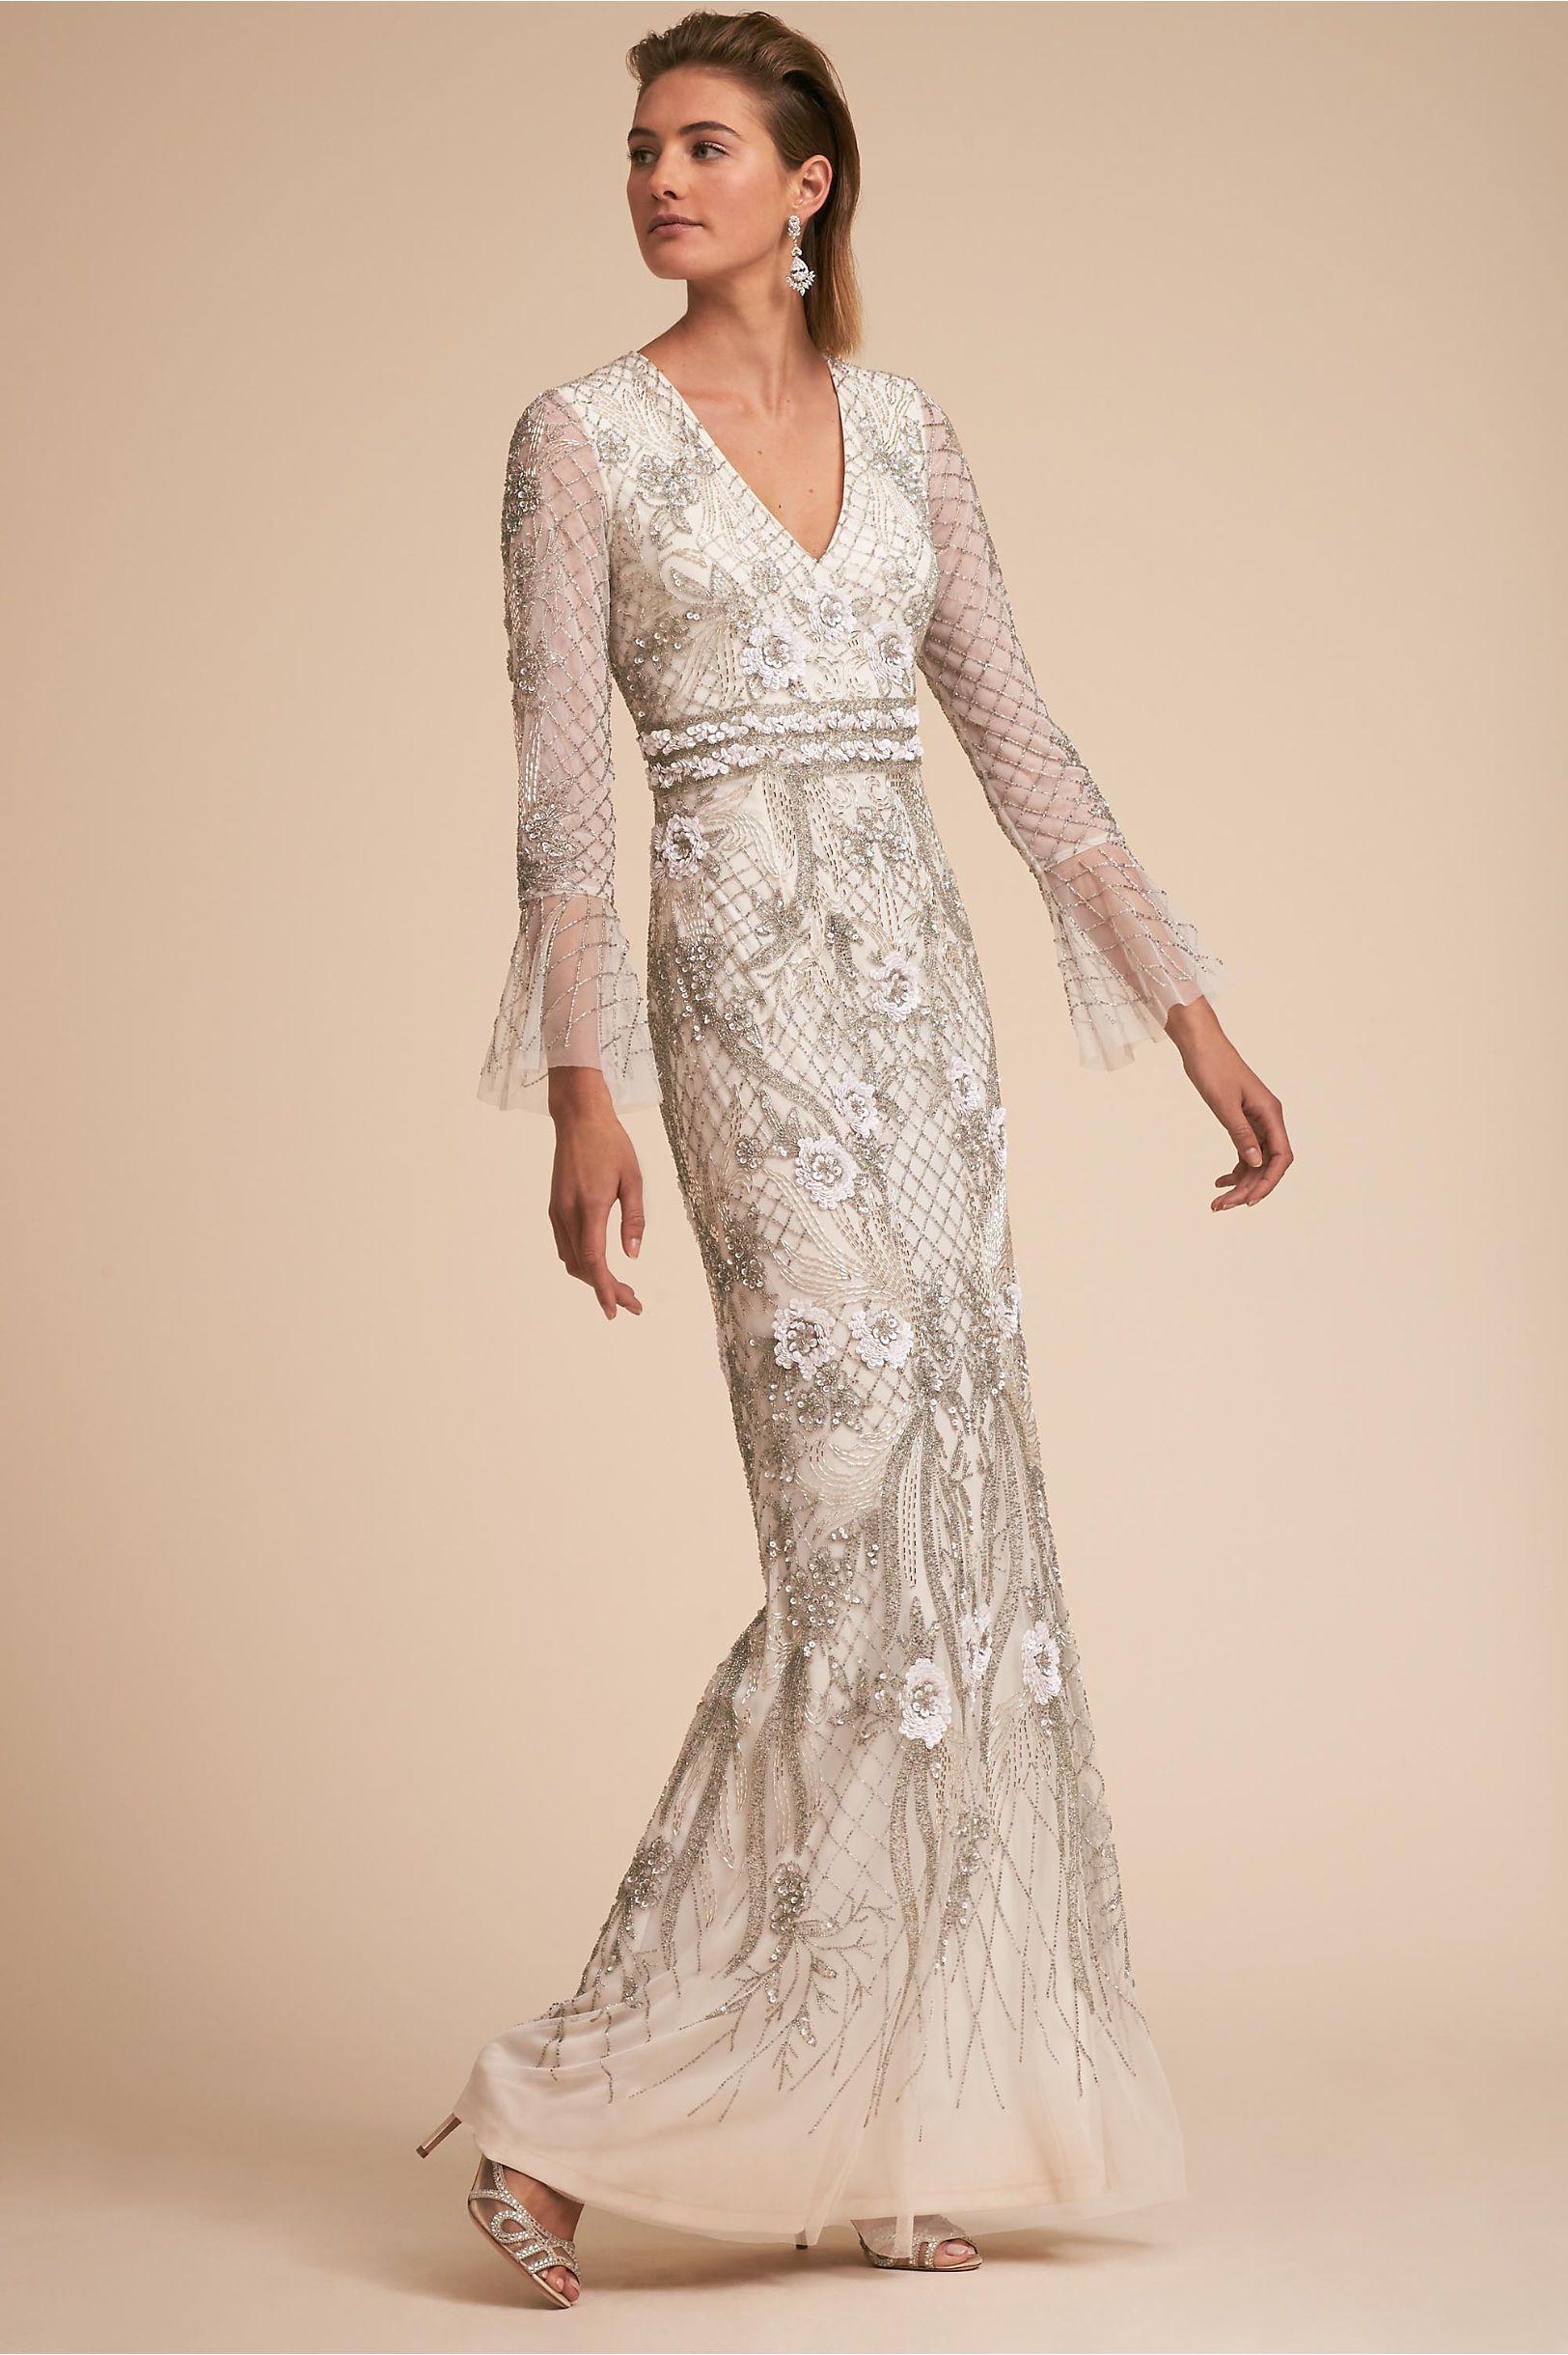 414ab802f5f BHLDN Turner Gown Ivory in Bride | BHLDN | amazing wedding dresses ...